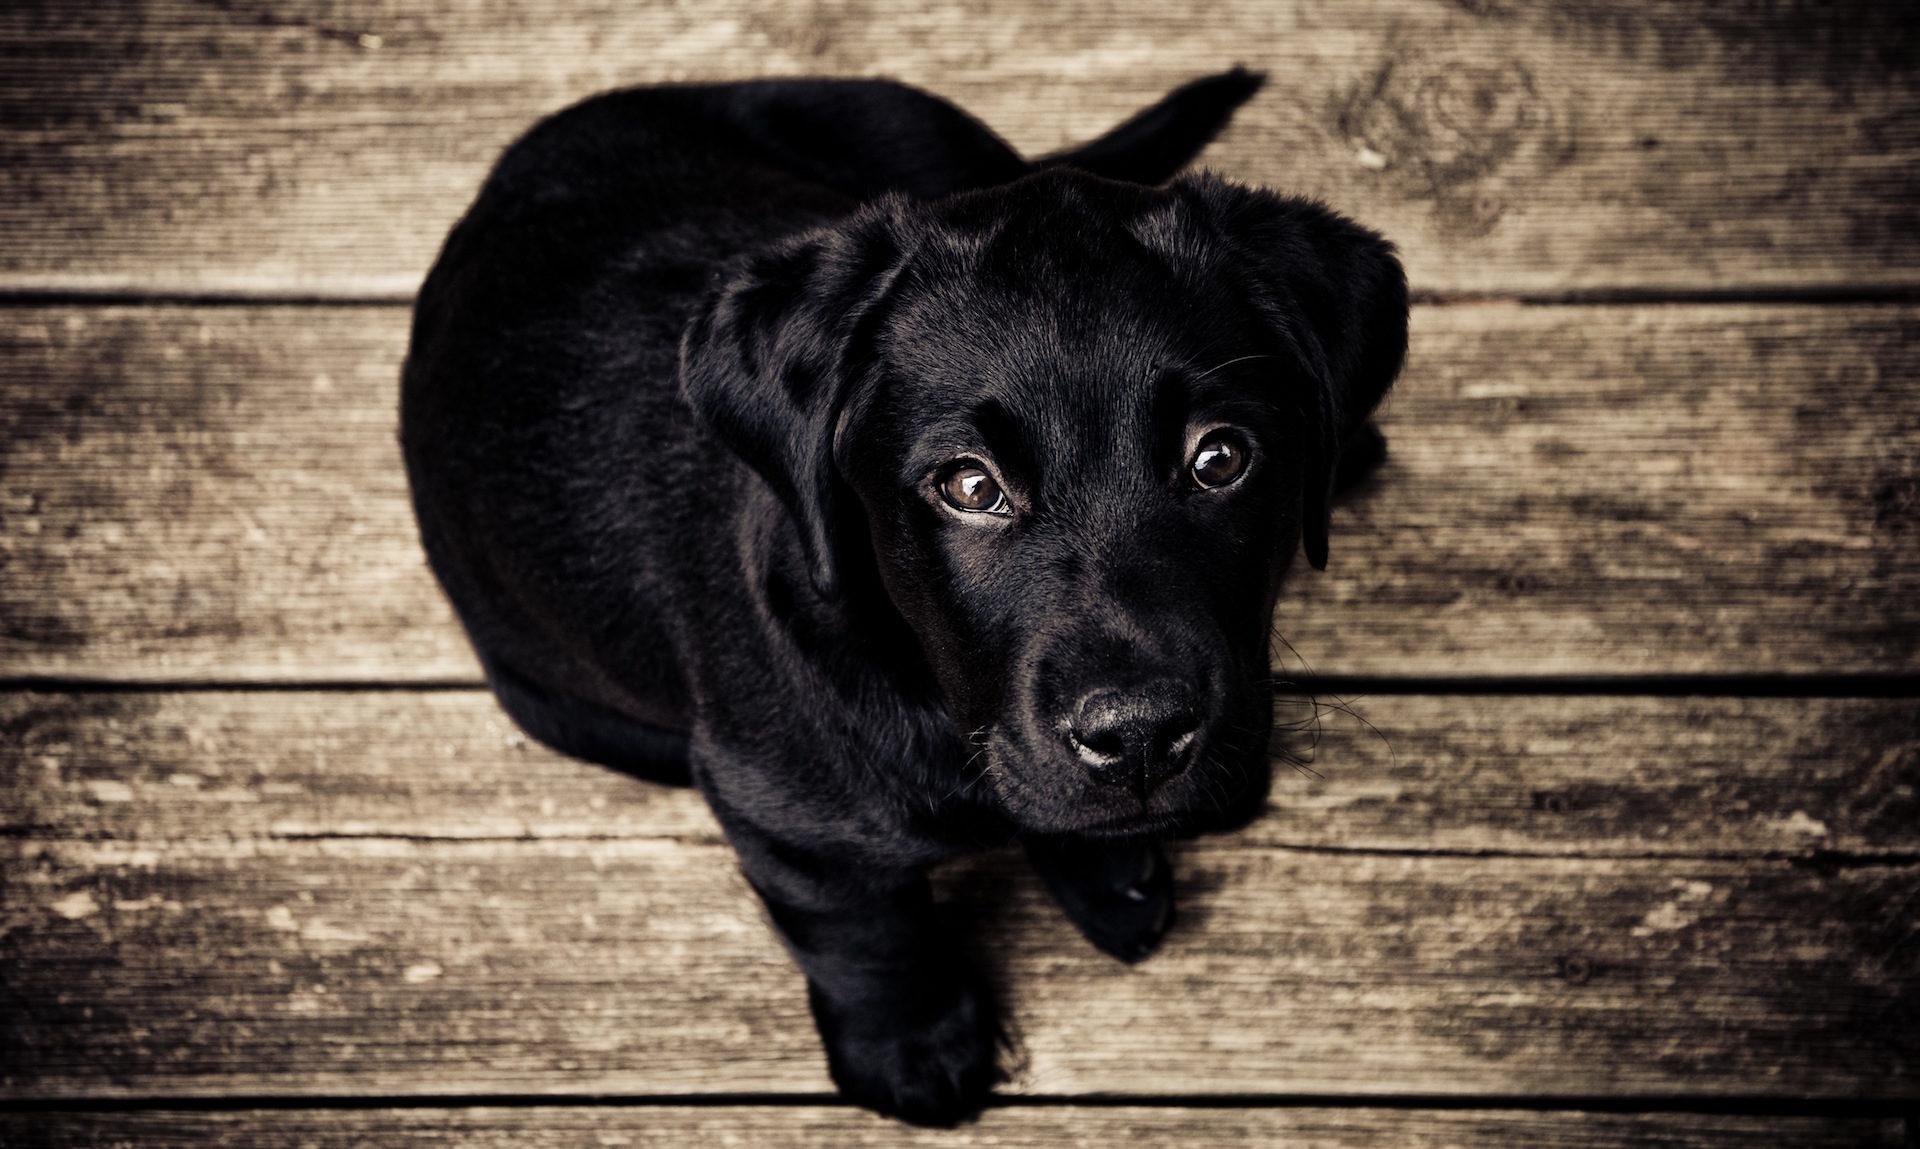 狗, 黑色, 看看, 眼睛, 木材 - 高清壁纸 - 教授-falken.com